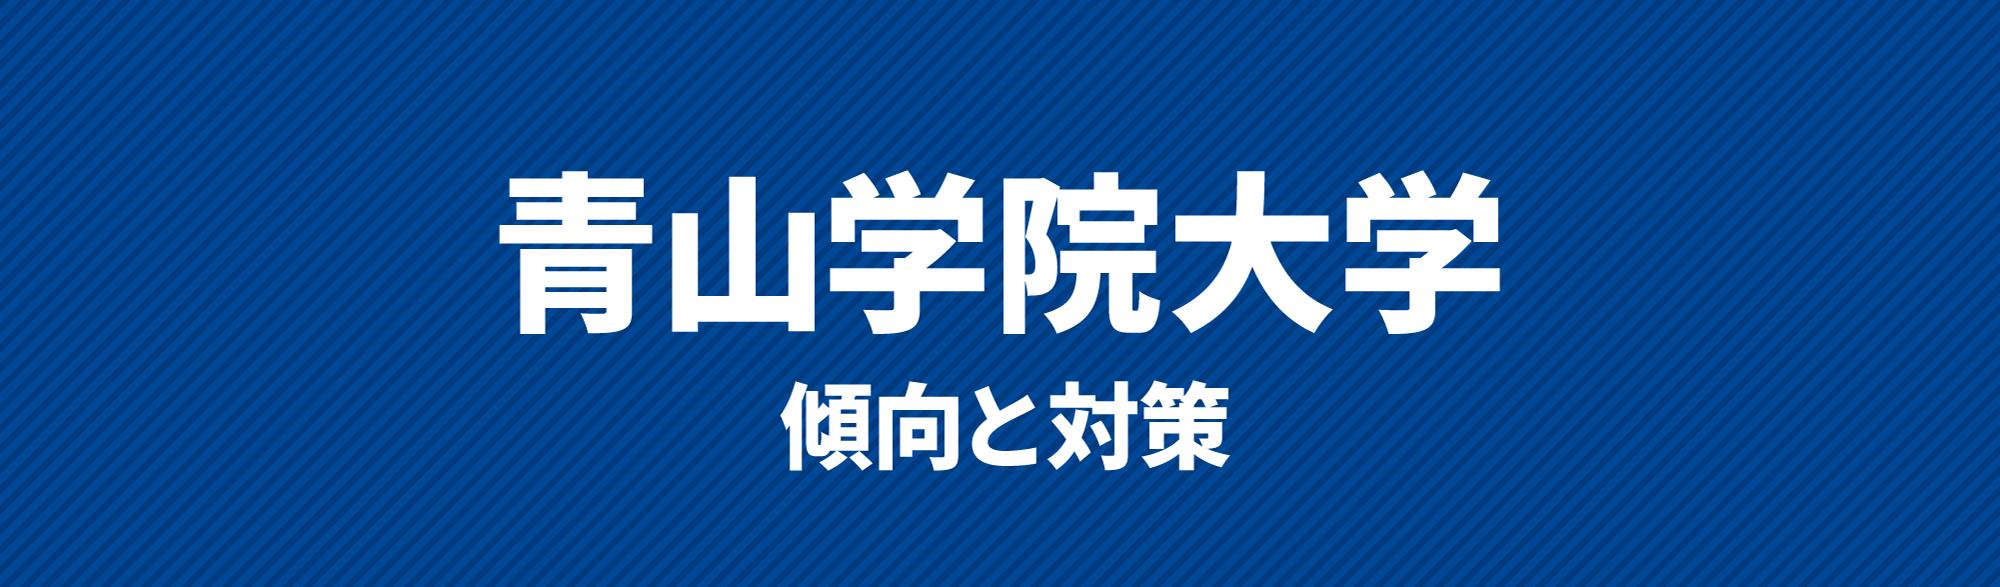 青山学院大学傾向と対策